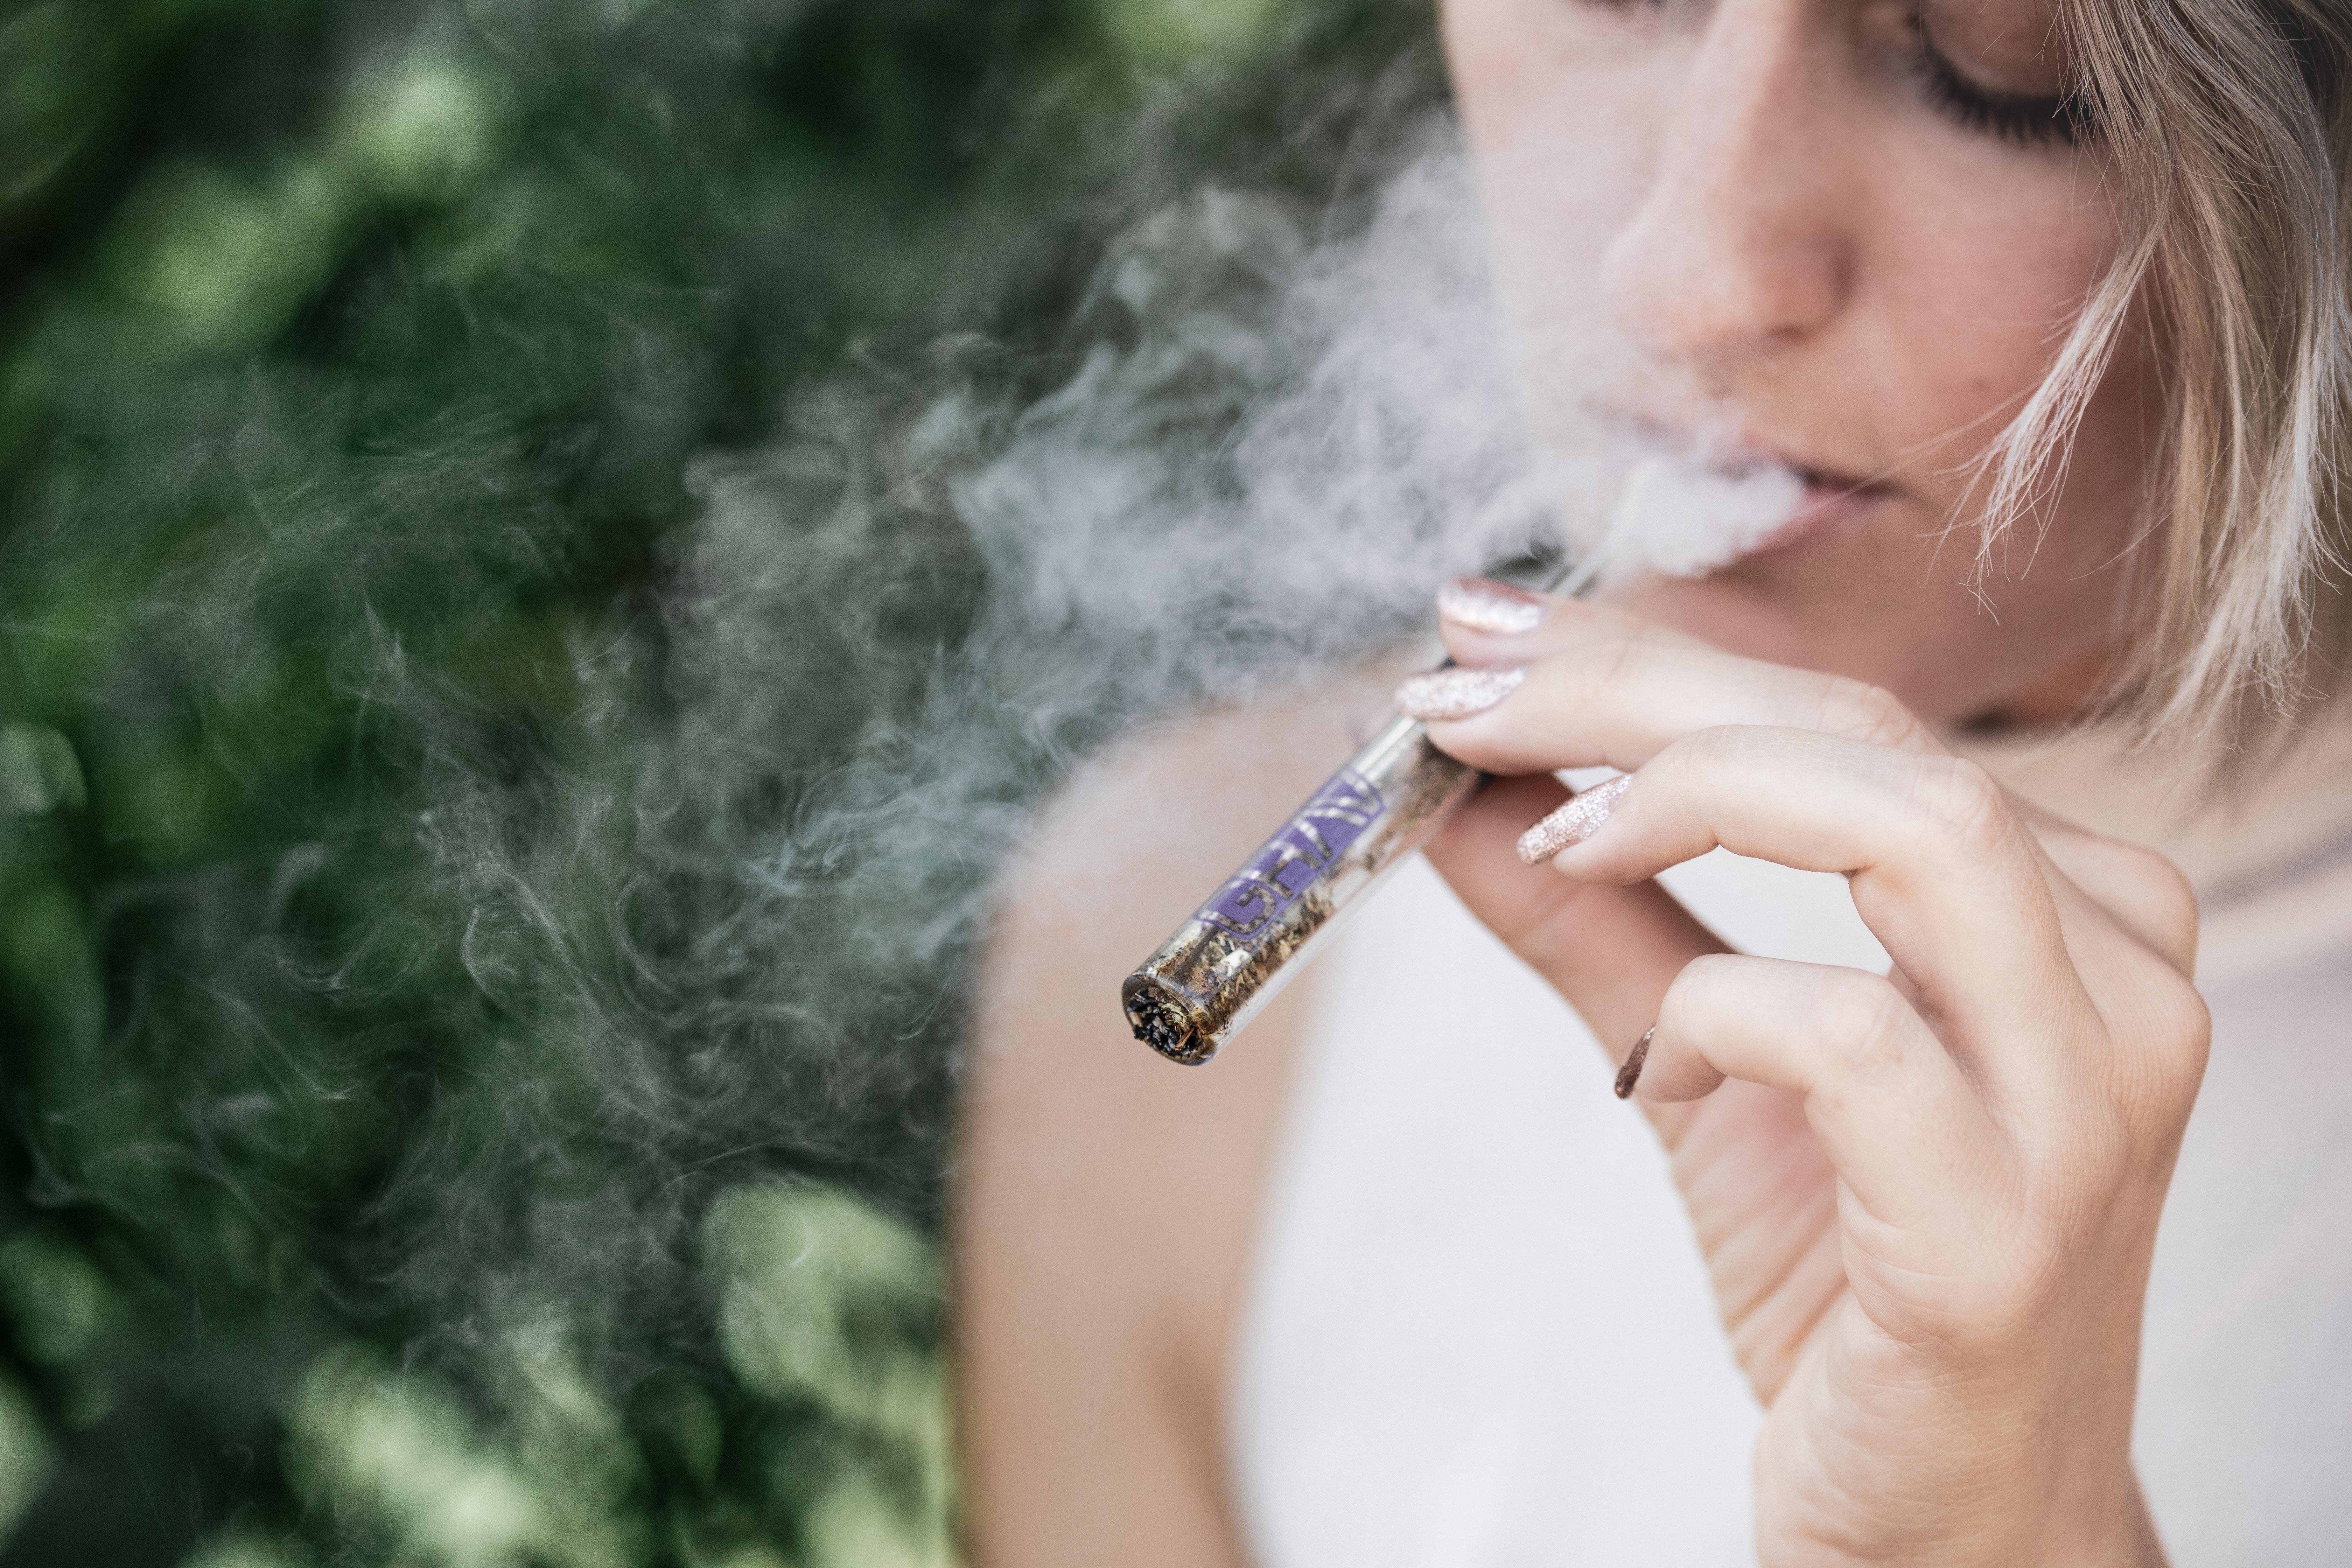 Nación Cannabis | Extraña enfermedad pulmonar podría estar relacionada con vapear cannabis